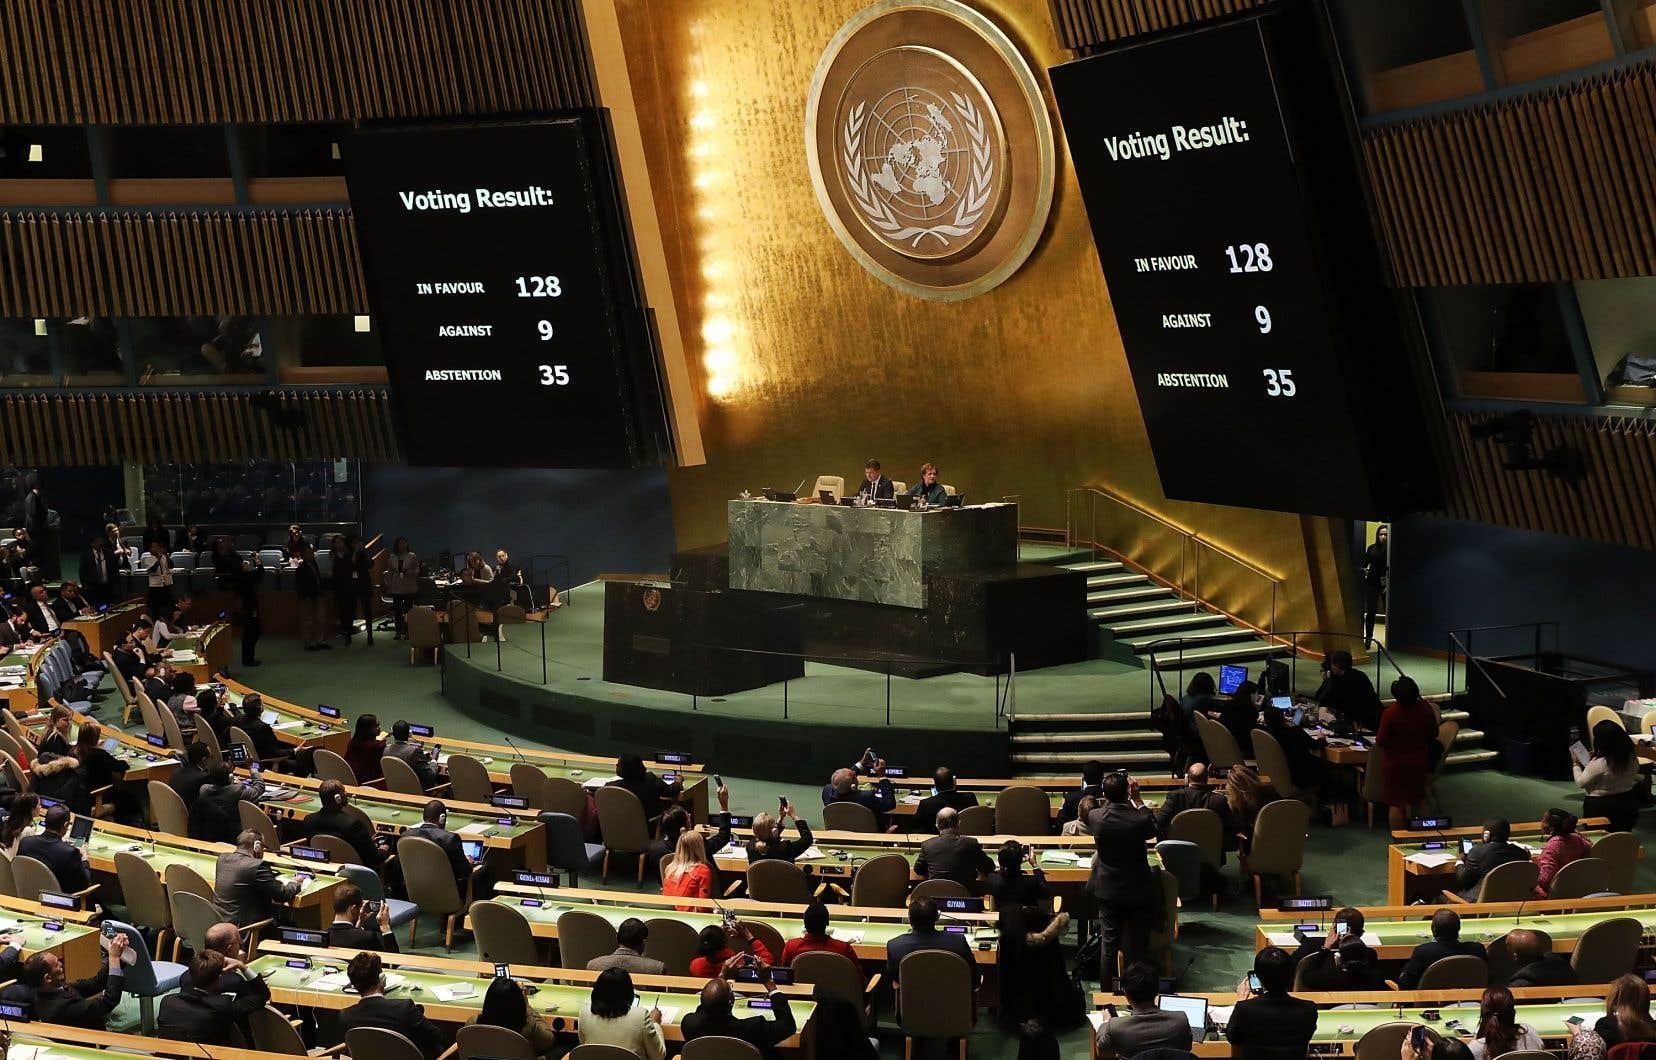 La mission américaine a précisé qu'il y aurait aussi des coupes budgétaires dans les départements de l'administration et du soutien.